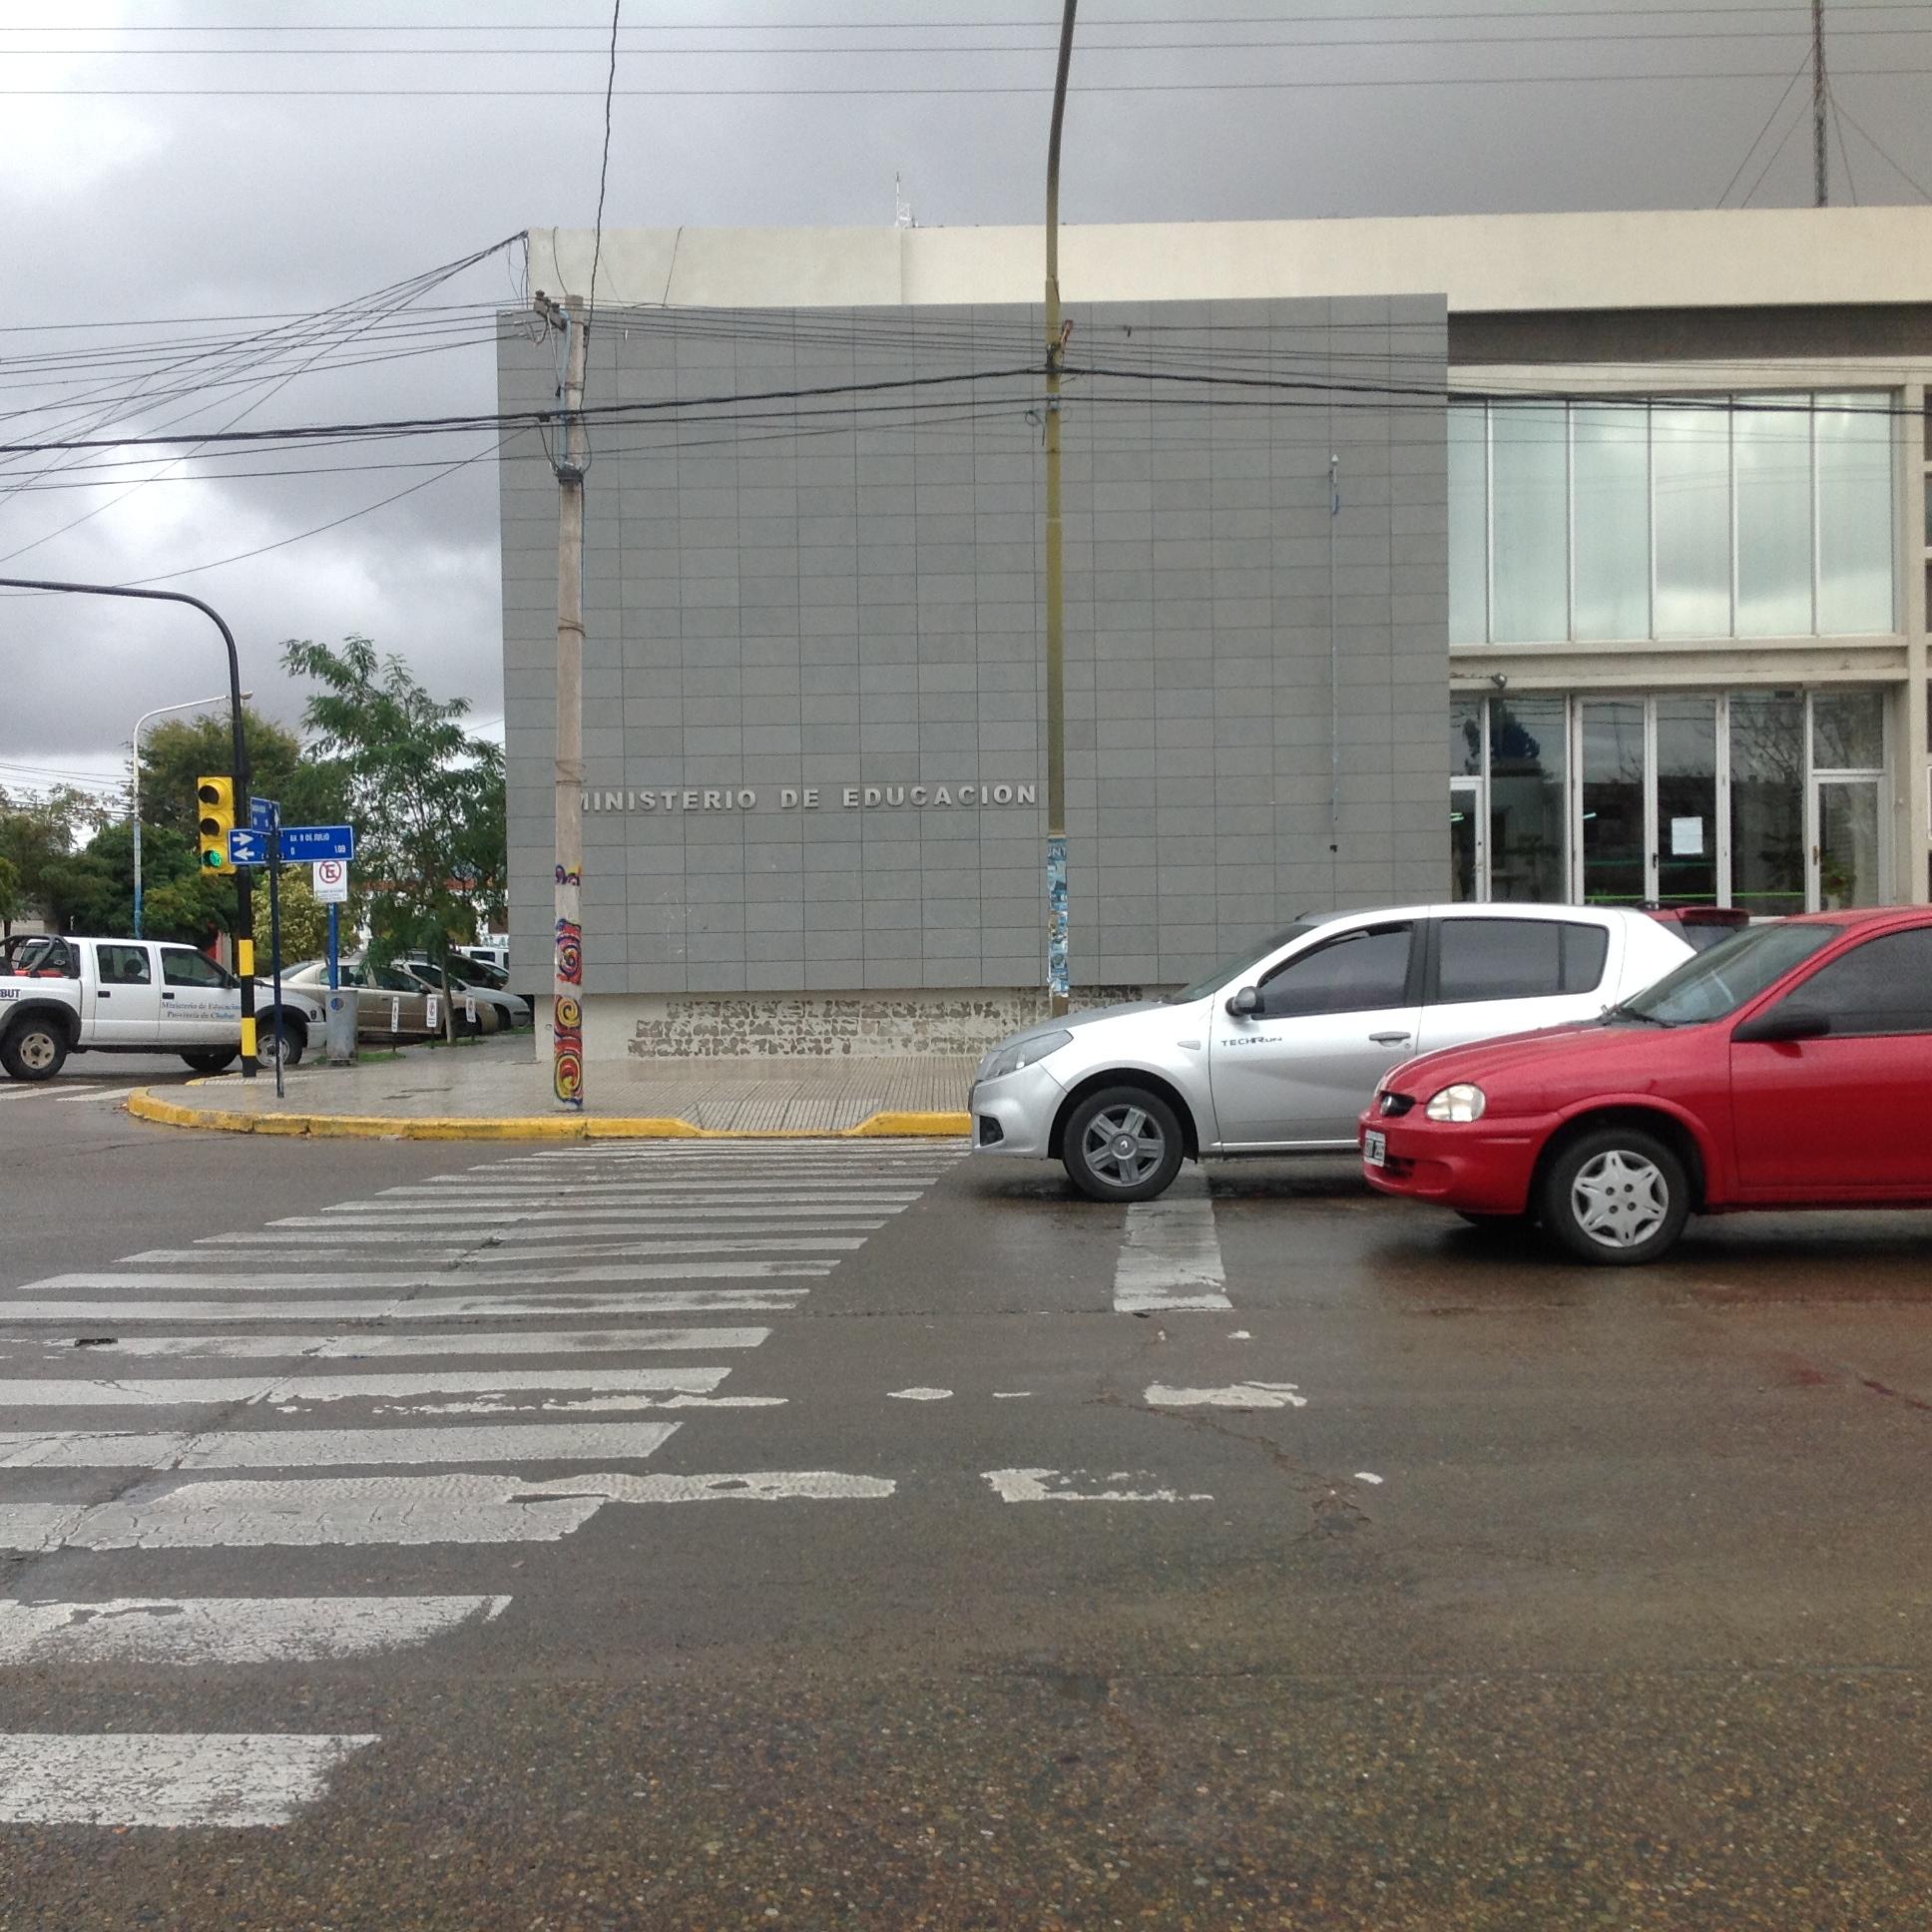 REUNION DE LA DIRECTORA DE COORDINACIÓN Y GESTIÓN DE CEYFE CON EL DIRECTOR DE ENSEÑANZA PRIVADA DE LA PROVINCIA DE CHUBUT